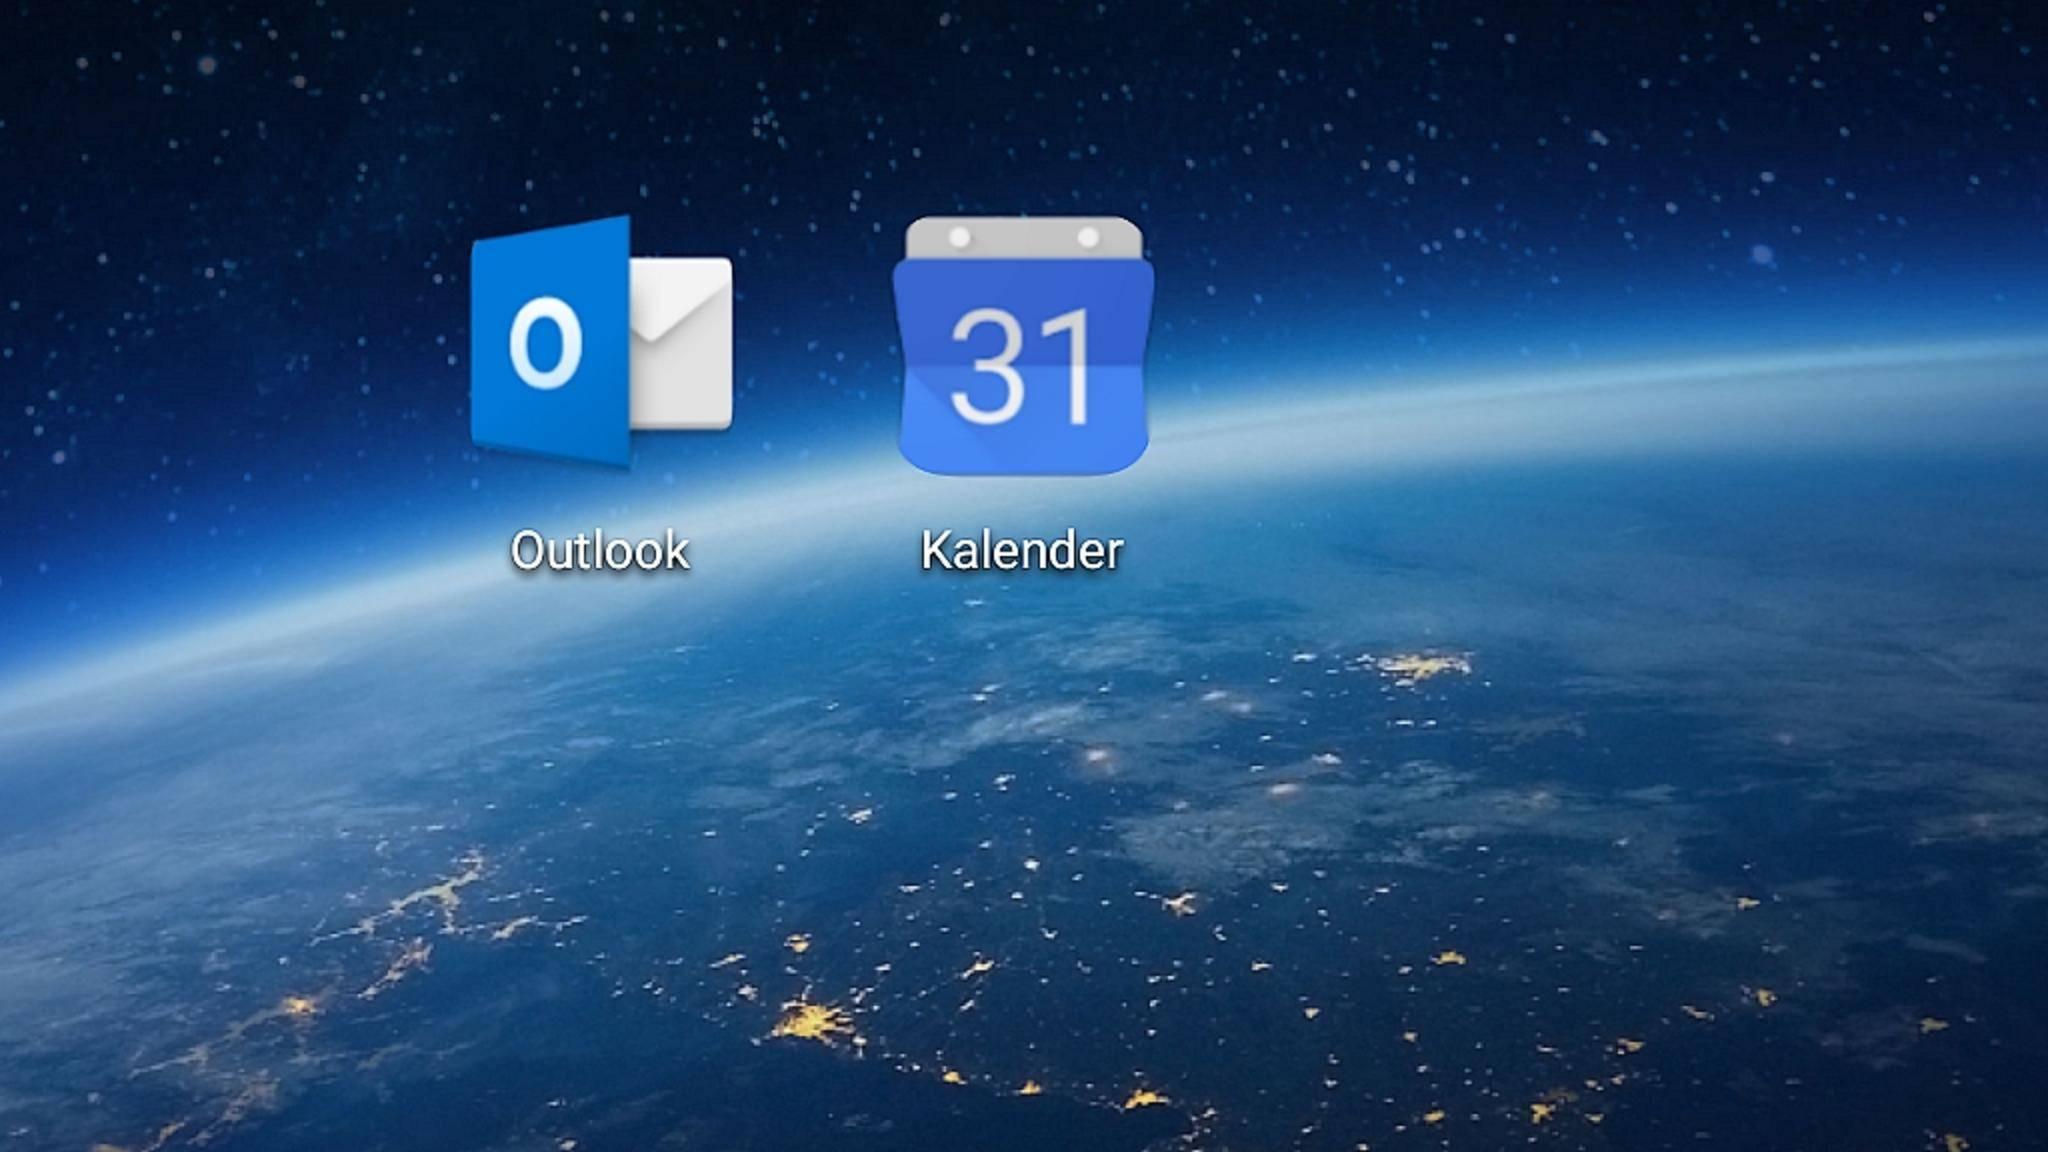 So kannst Du Deinen Outlook-Kalender mit Deinem Smartphone synchronisieren.